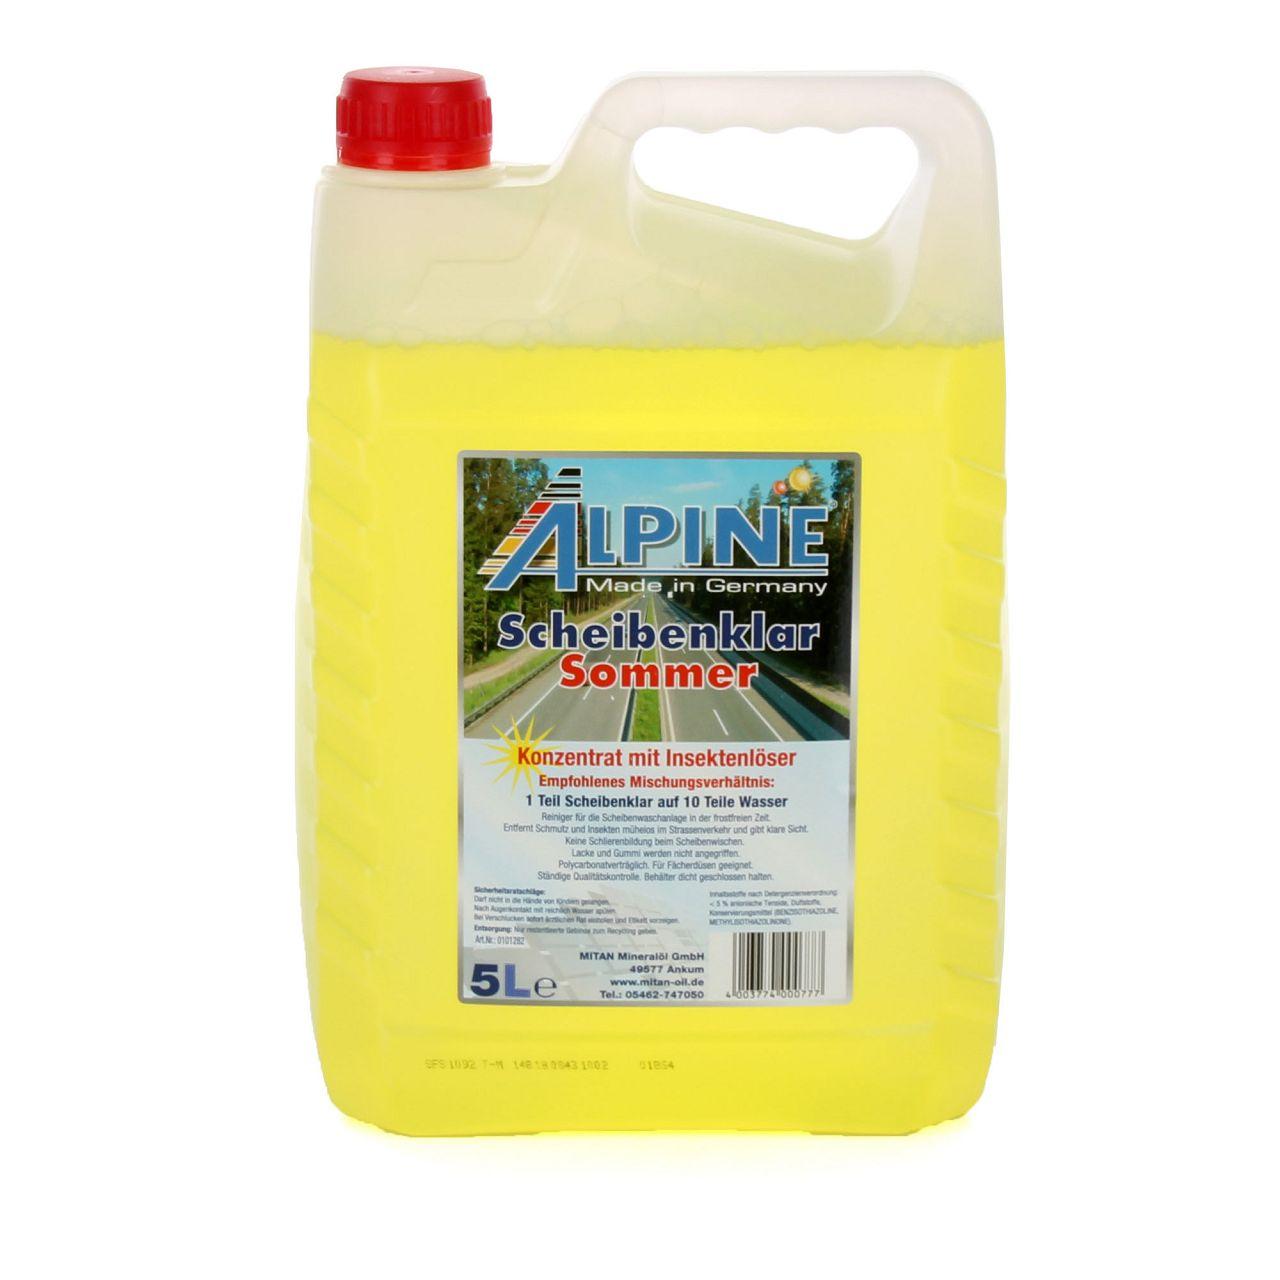 ALPINE Scheibenklar Sommer 1:10 Konzentrat Insektenlöser Citrusduft - 5L 5 Liter